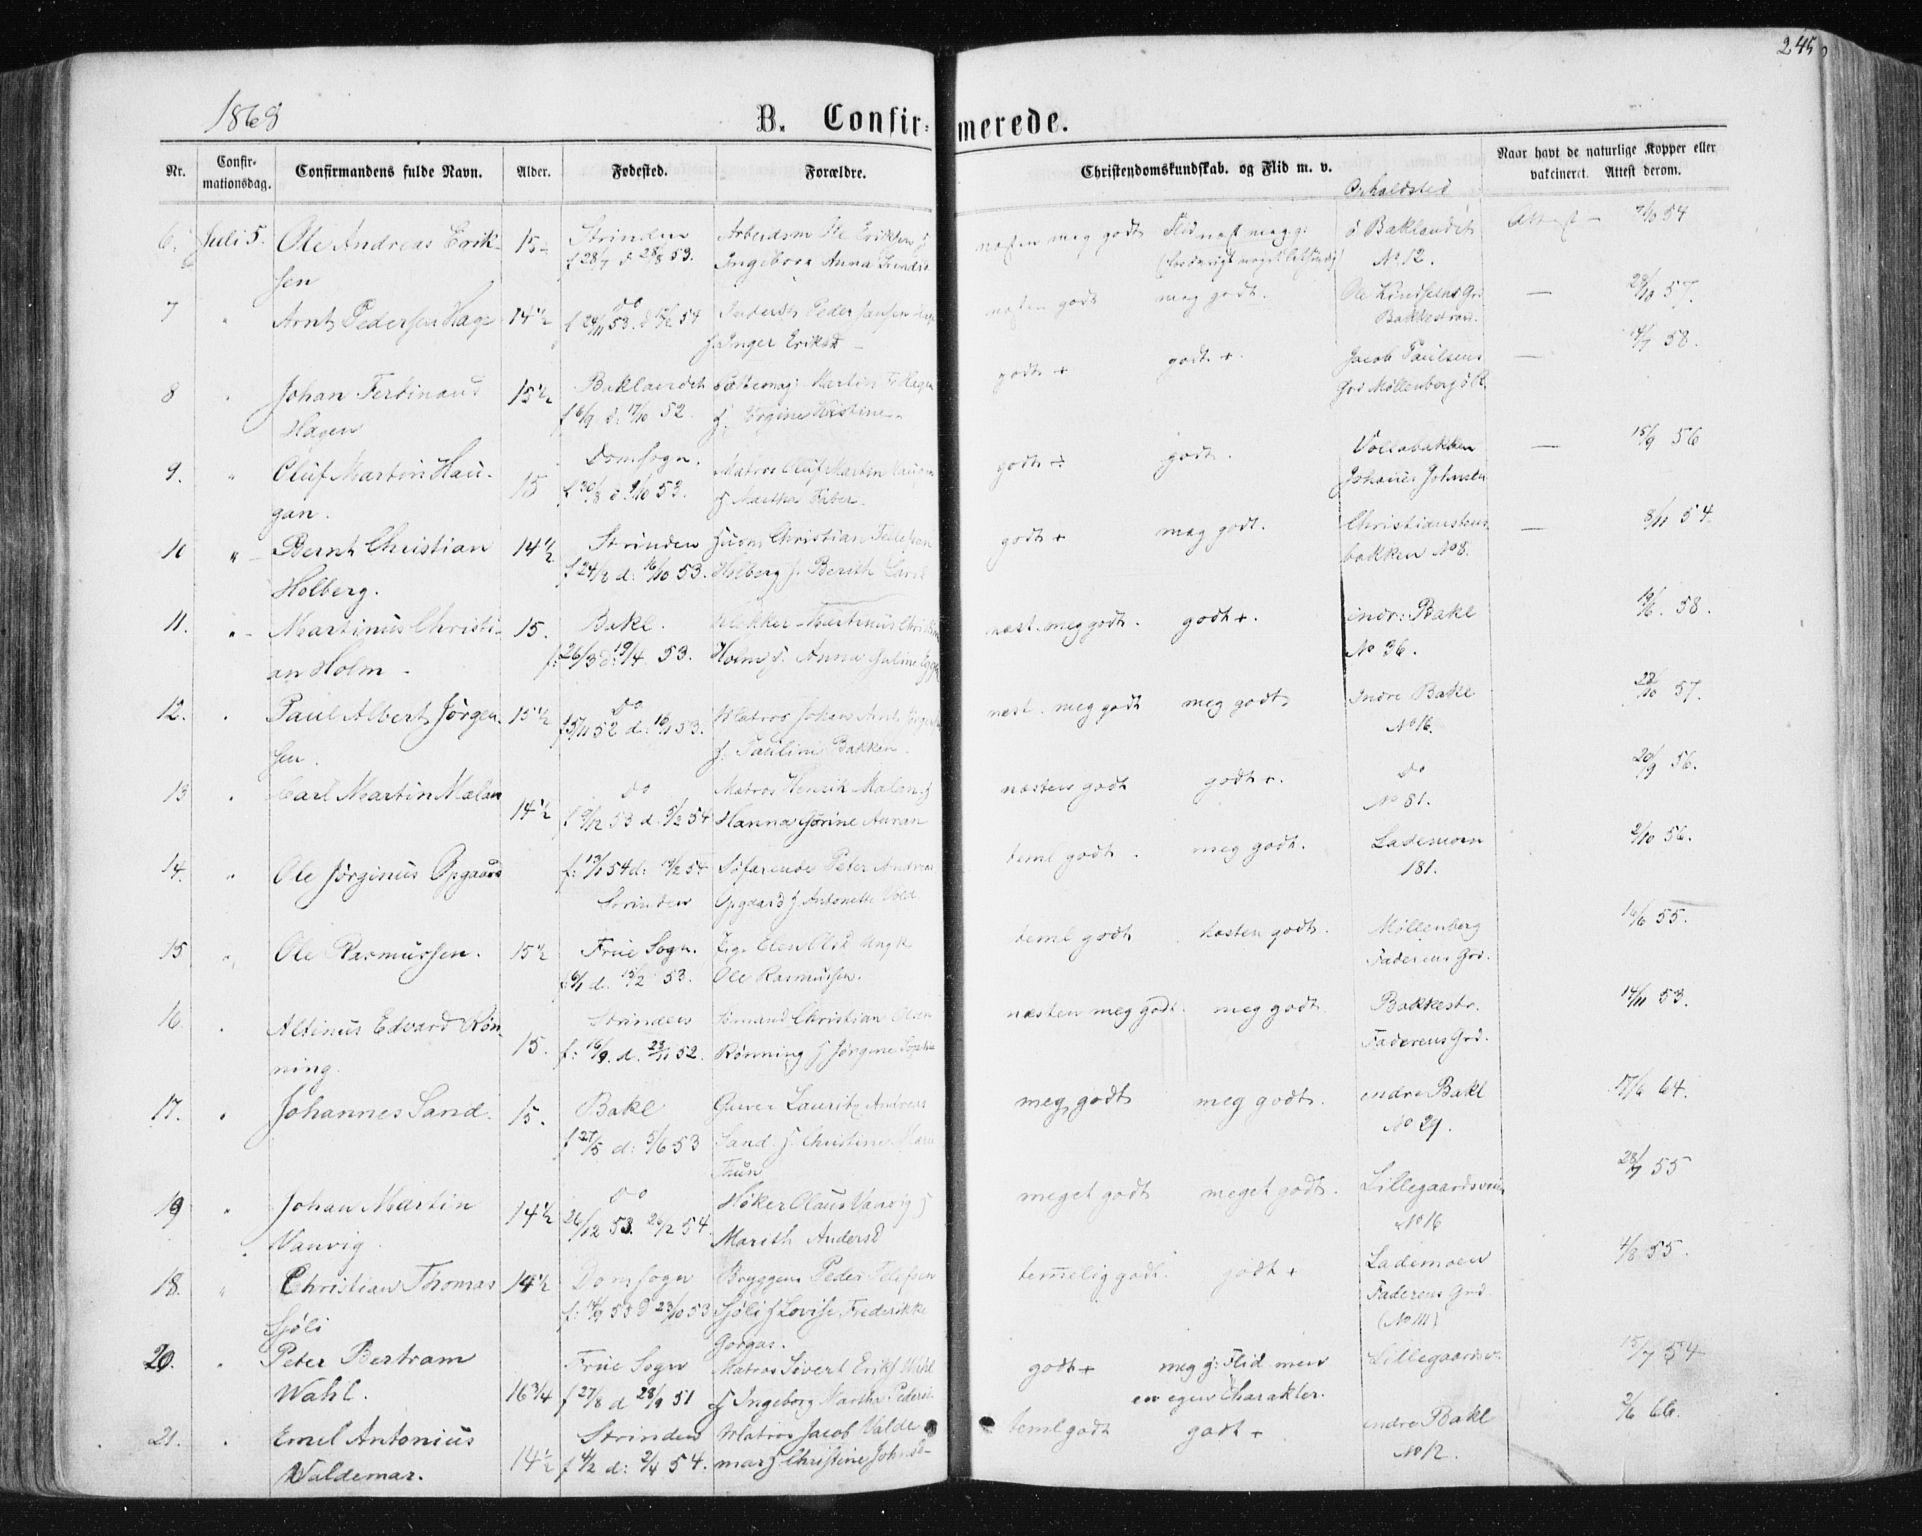 SAT, Ministerialprotokoller, klokkerbøker og fødselsregistre - Sør-Trøndelag, 604/L0186: Ministerialbok nr. 604A07, 1866-1877, s. 245